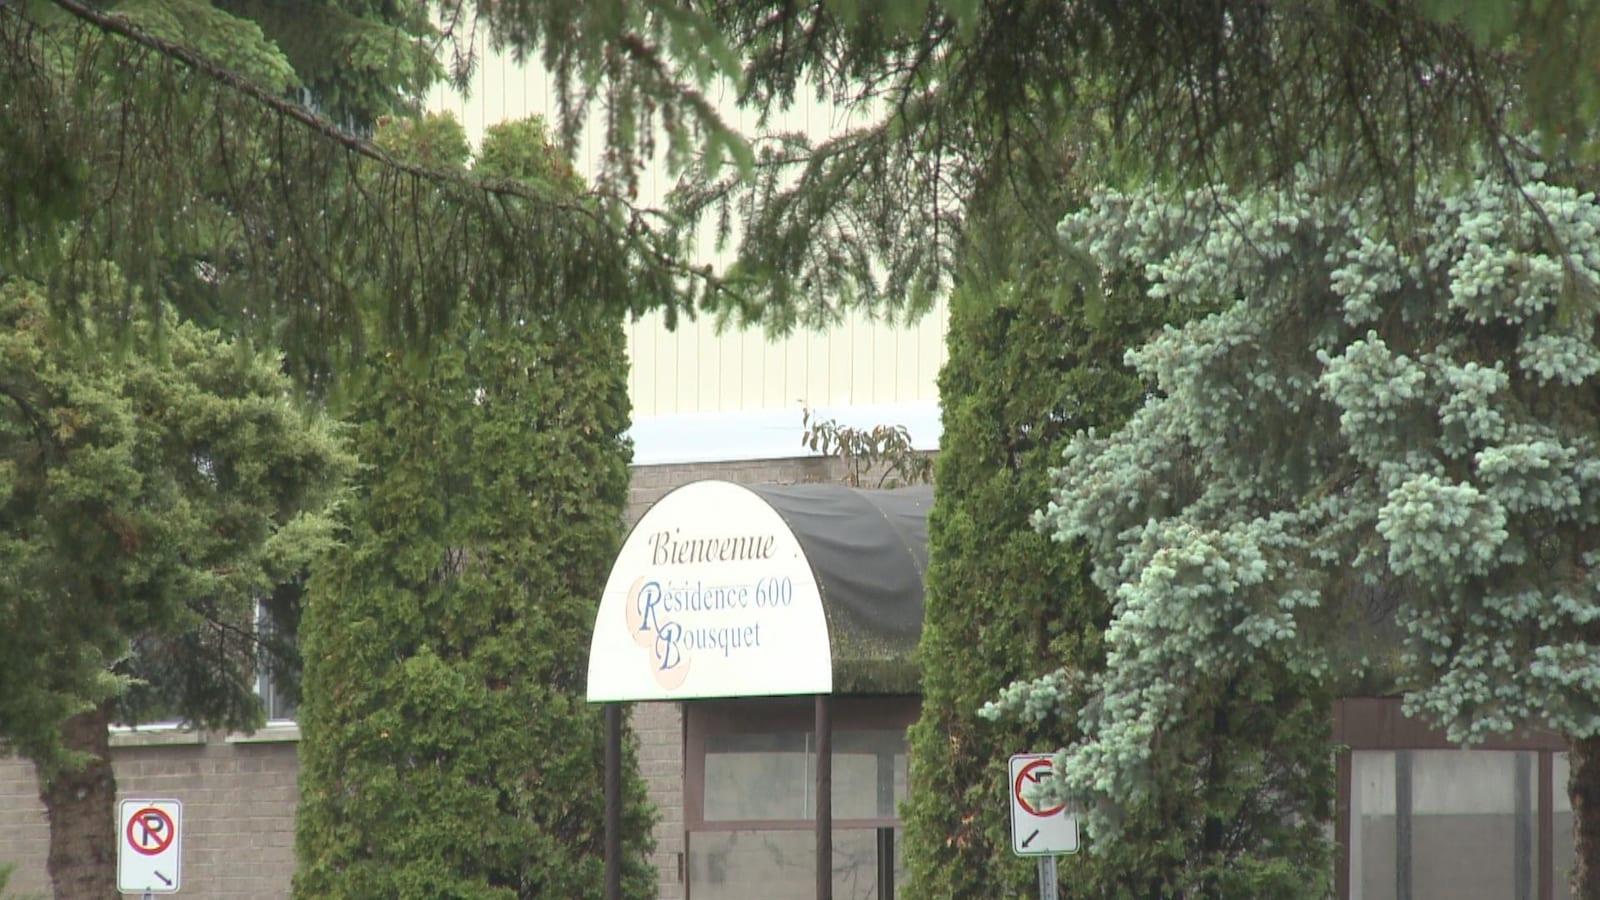 Extérieur de la Résidence 600 Bousquet de Drummondville